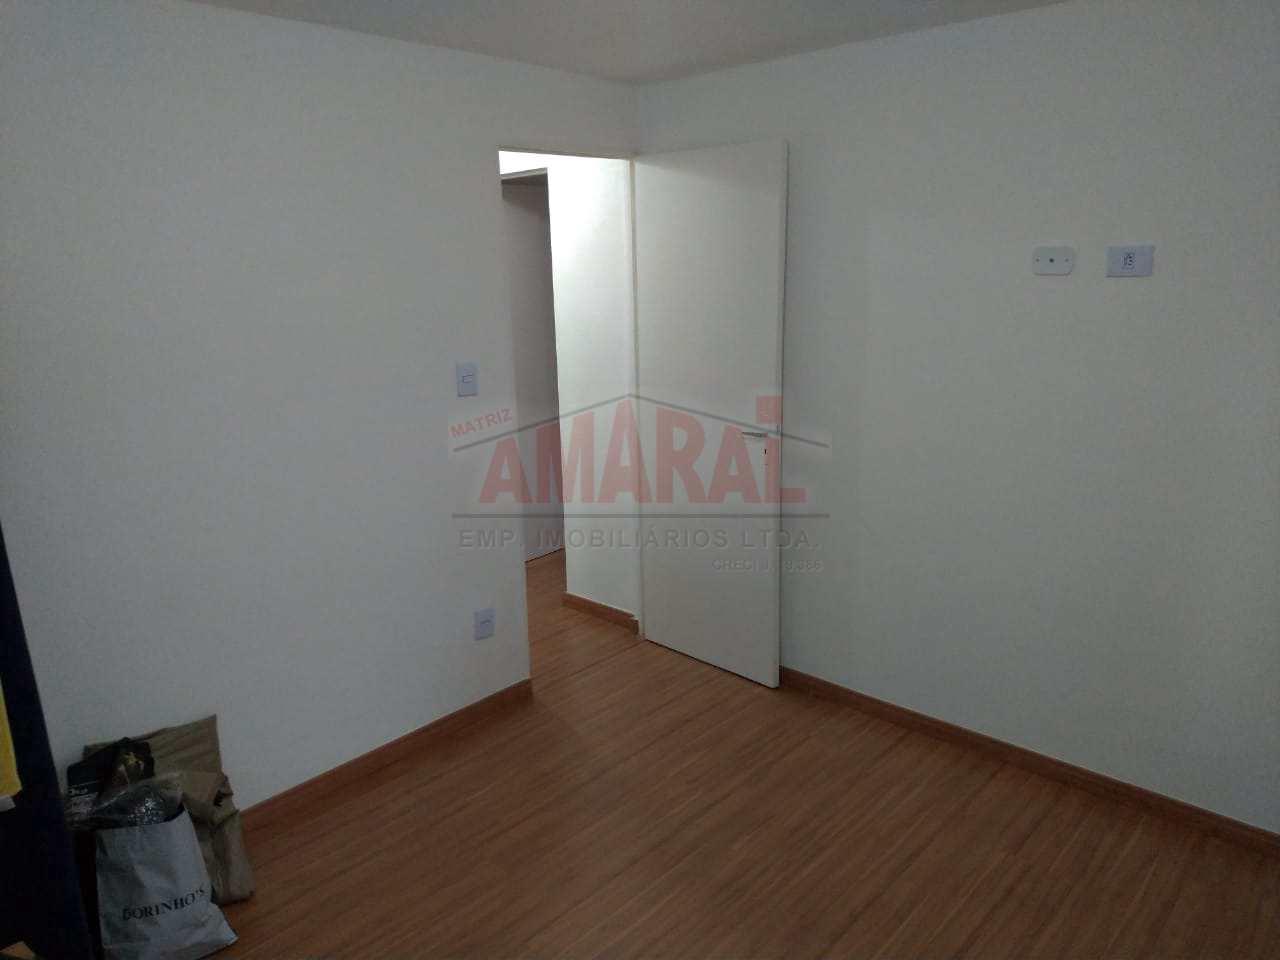 Apartamento com 2 dorms, Cidade São Mateus, São Paulo - R$ 215 mil, Cod: 11309